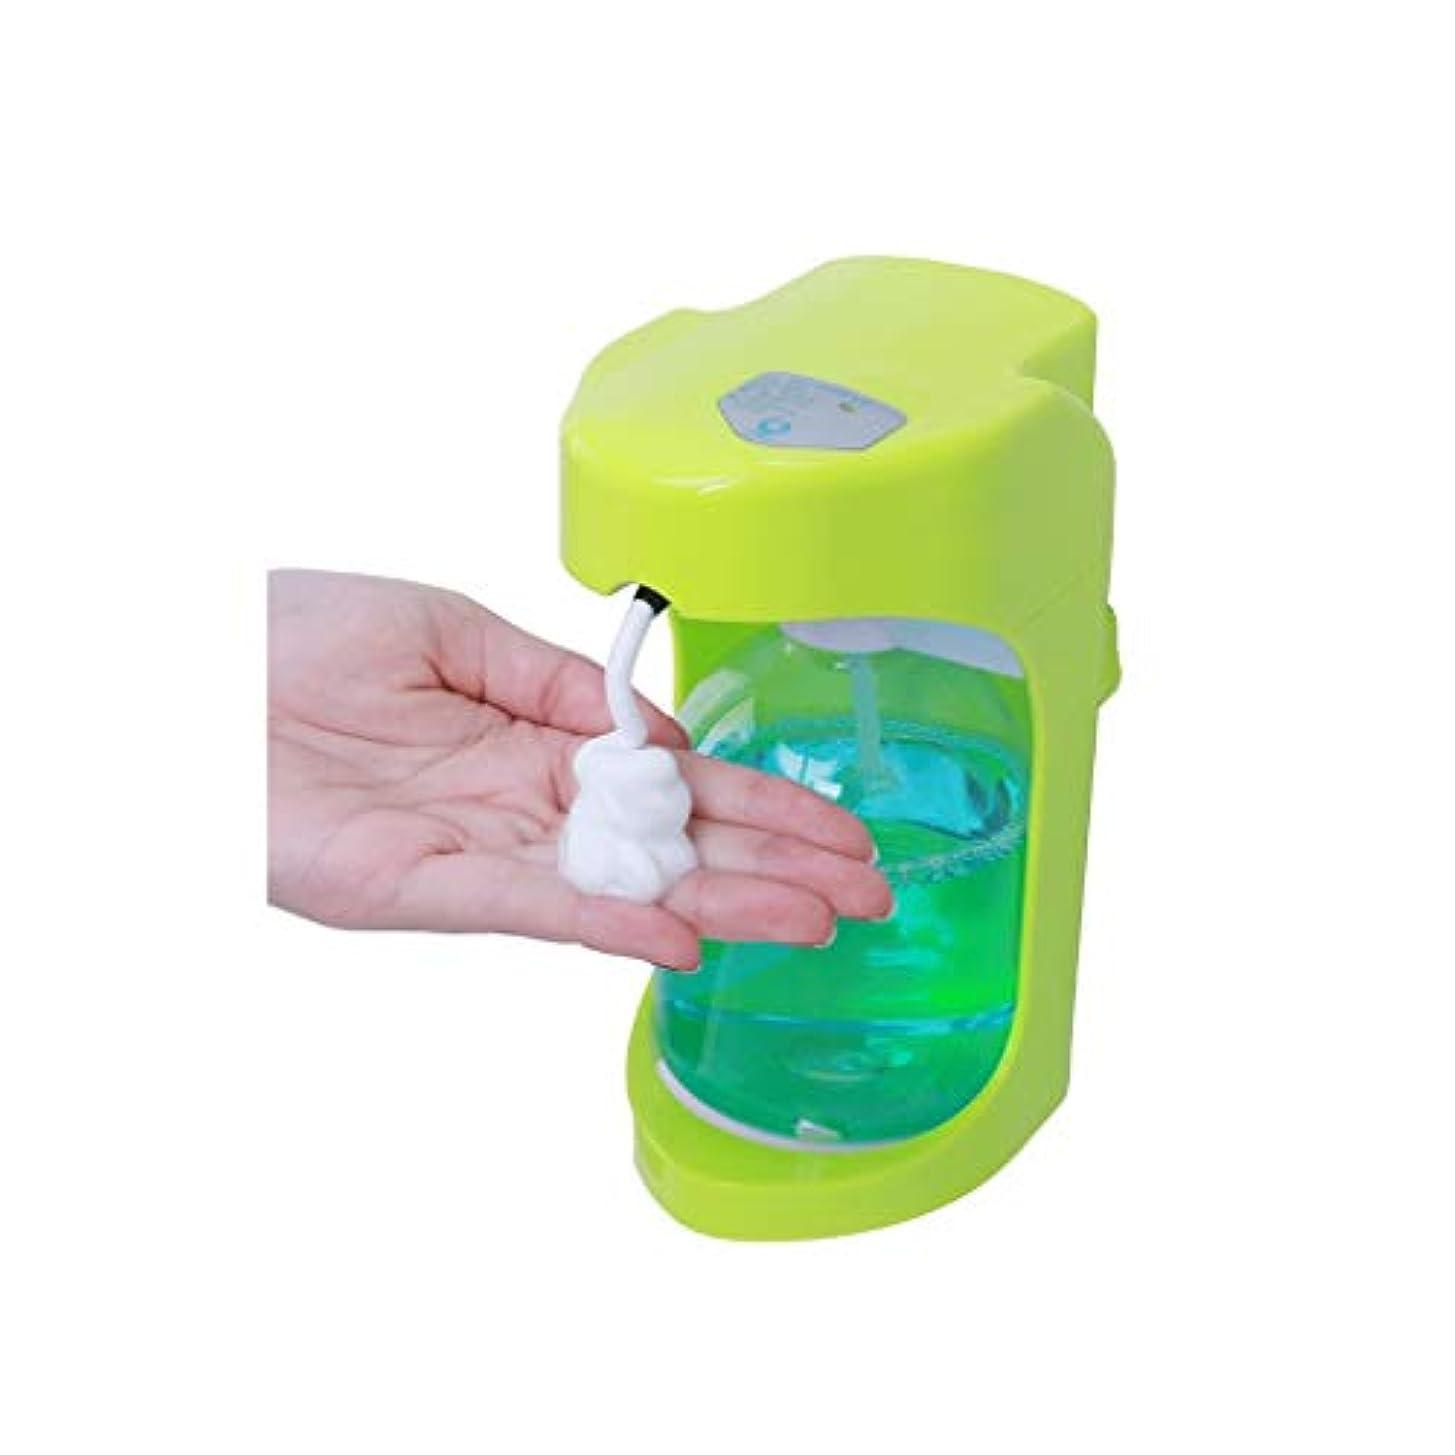 修正する違う交換せっけん ソープディスペンサー自動ソープディスペンサー赤外線モーションセンサーリキッドハンズフリー自動ハンドサニタイザーディスペンサー 緑